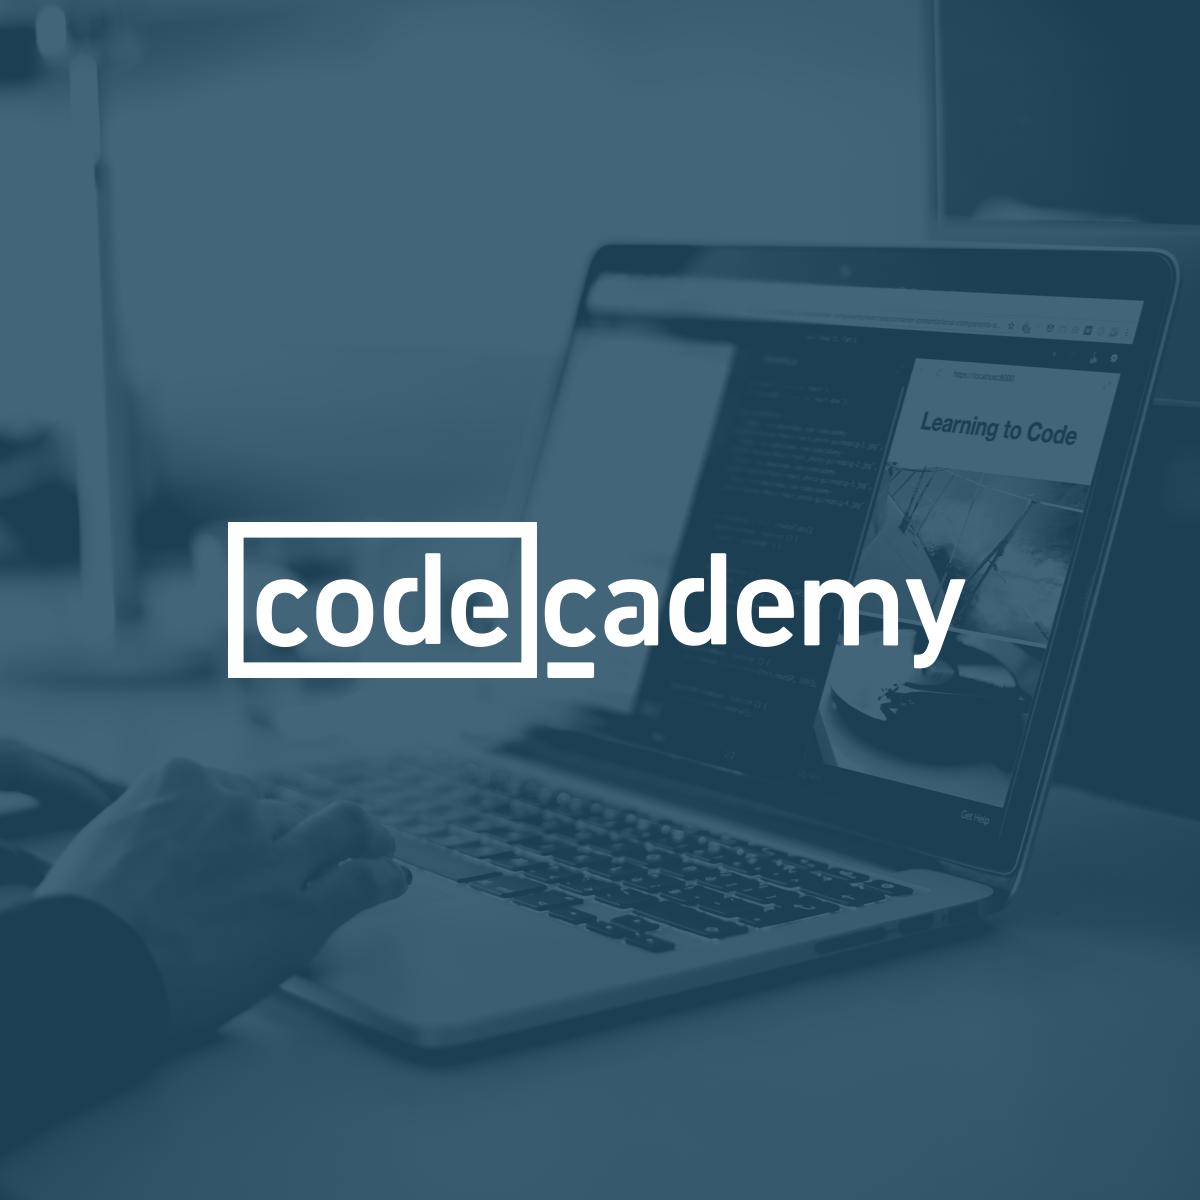 logo-codecademy-social-abfd8450722d675bddedde689f8af624.png